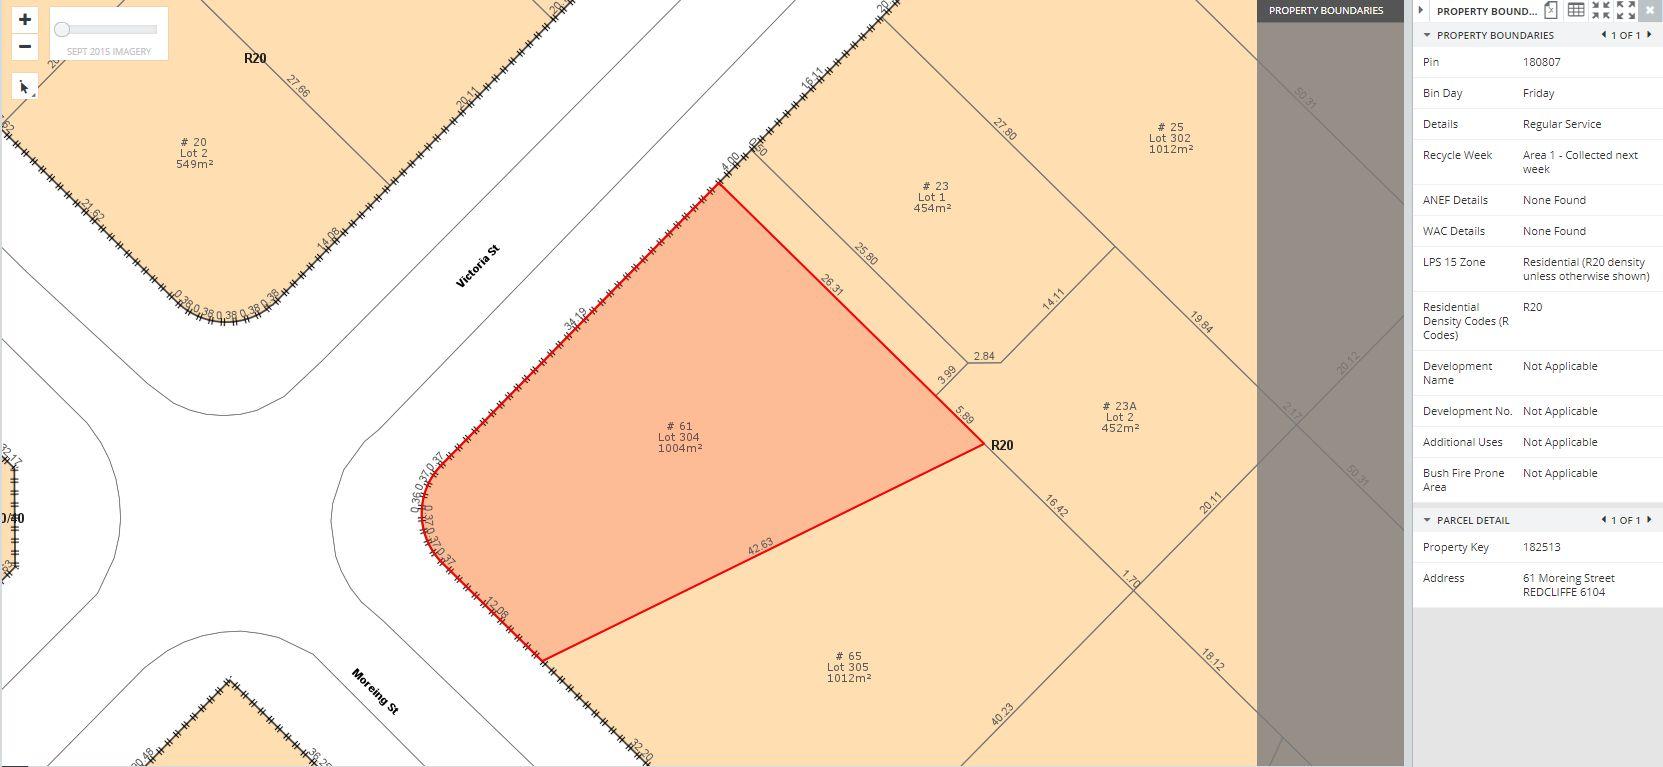 61 Moreing Road, Redcliffe WA 6104, Image 1